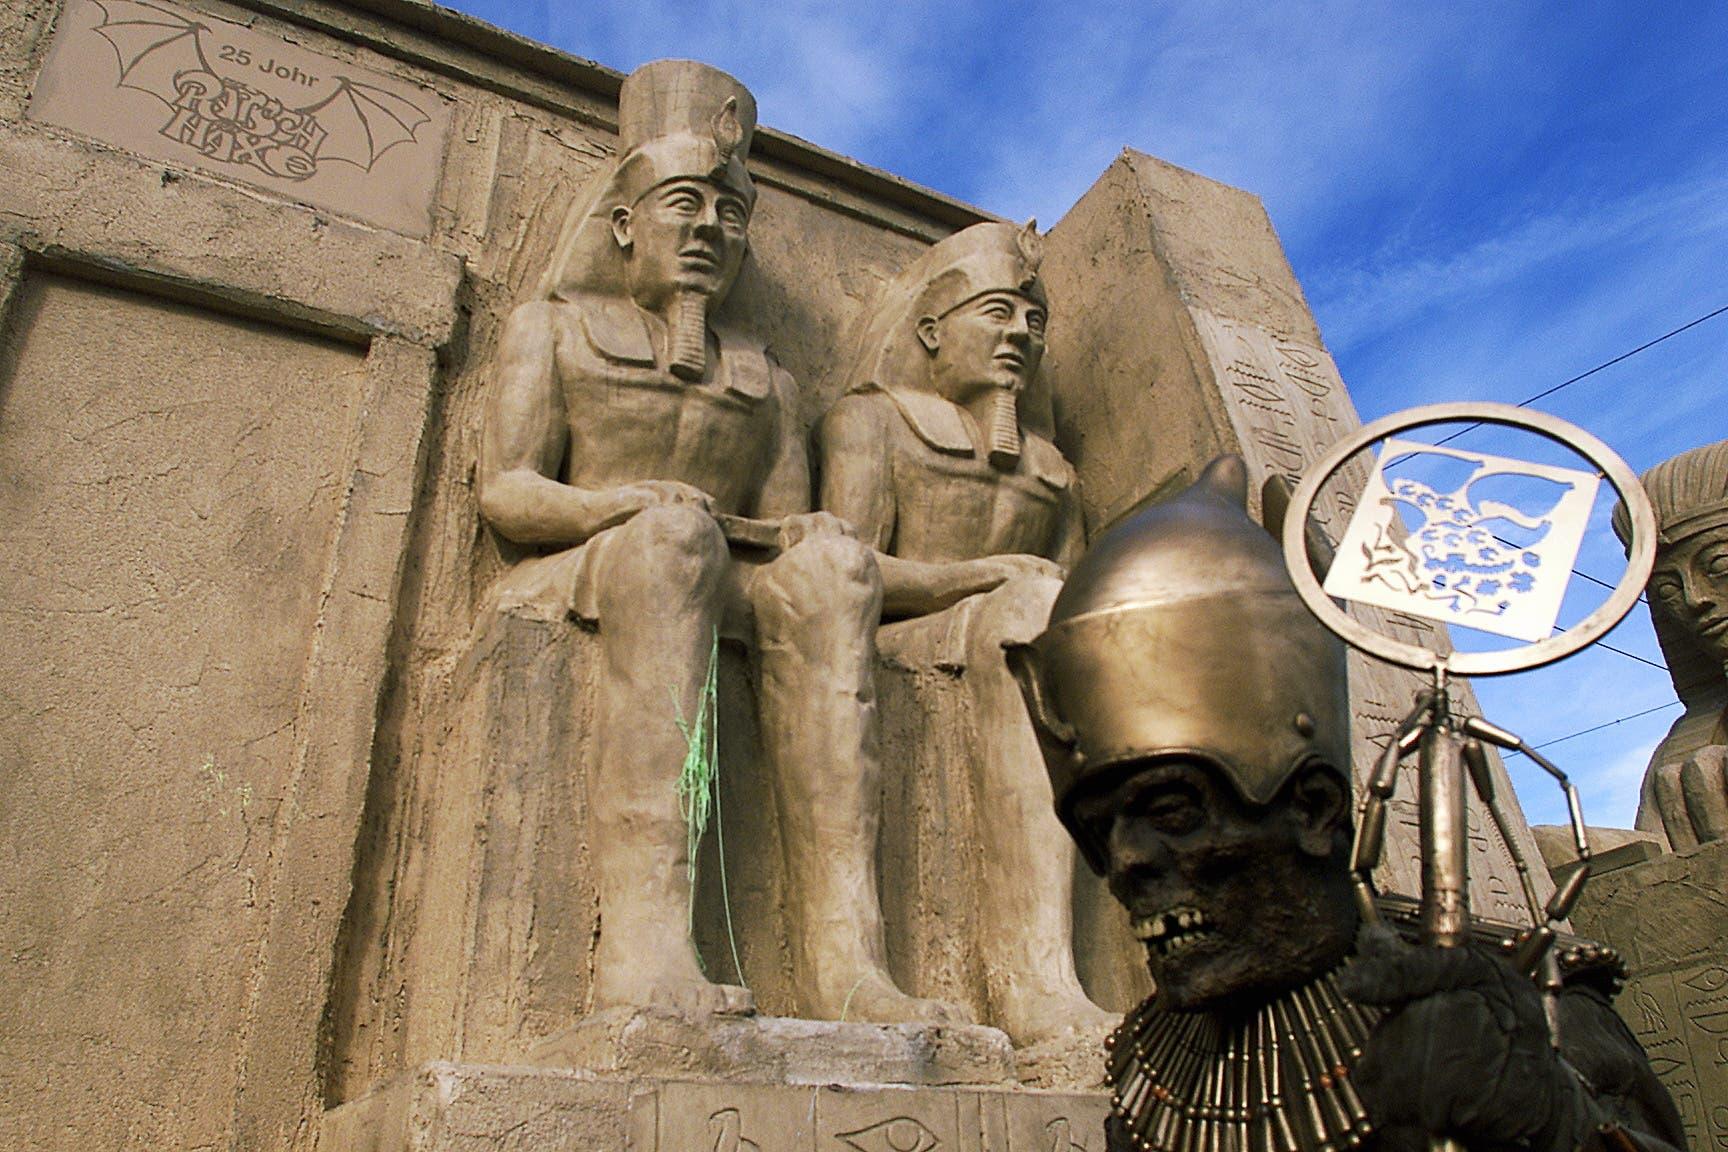 Die Rätsch-Häxe mit ihrem gigantischen ägyptischen Tempel mit wandelnden Mumien am Weyumzug 2002.